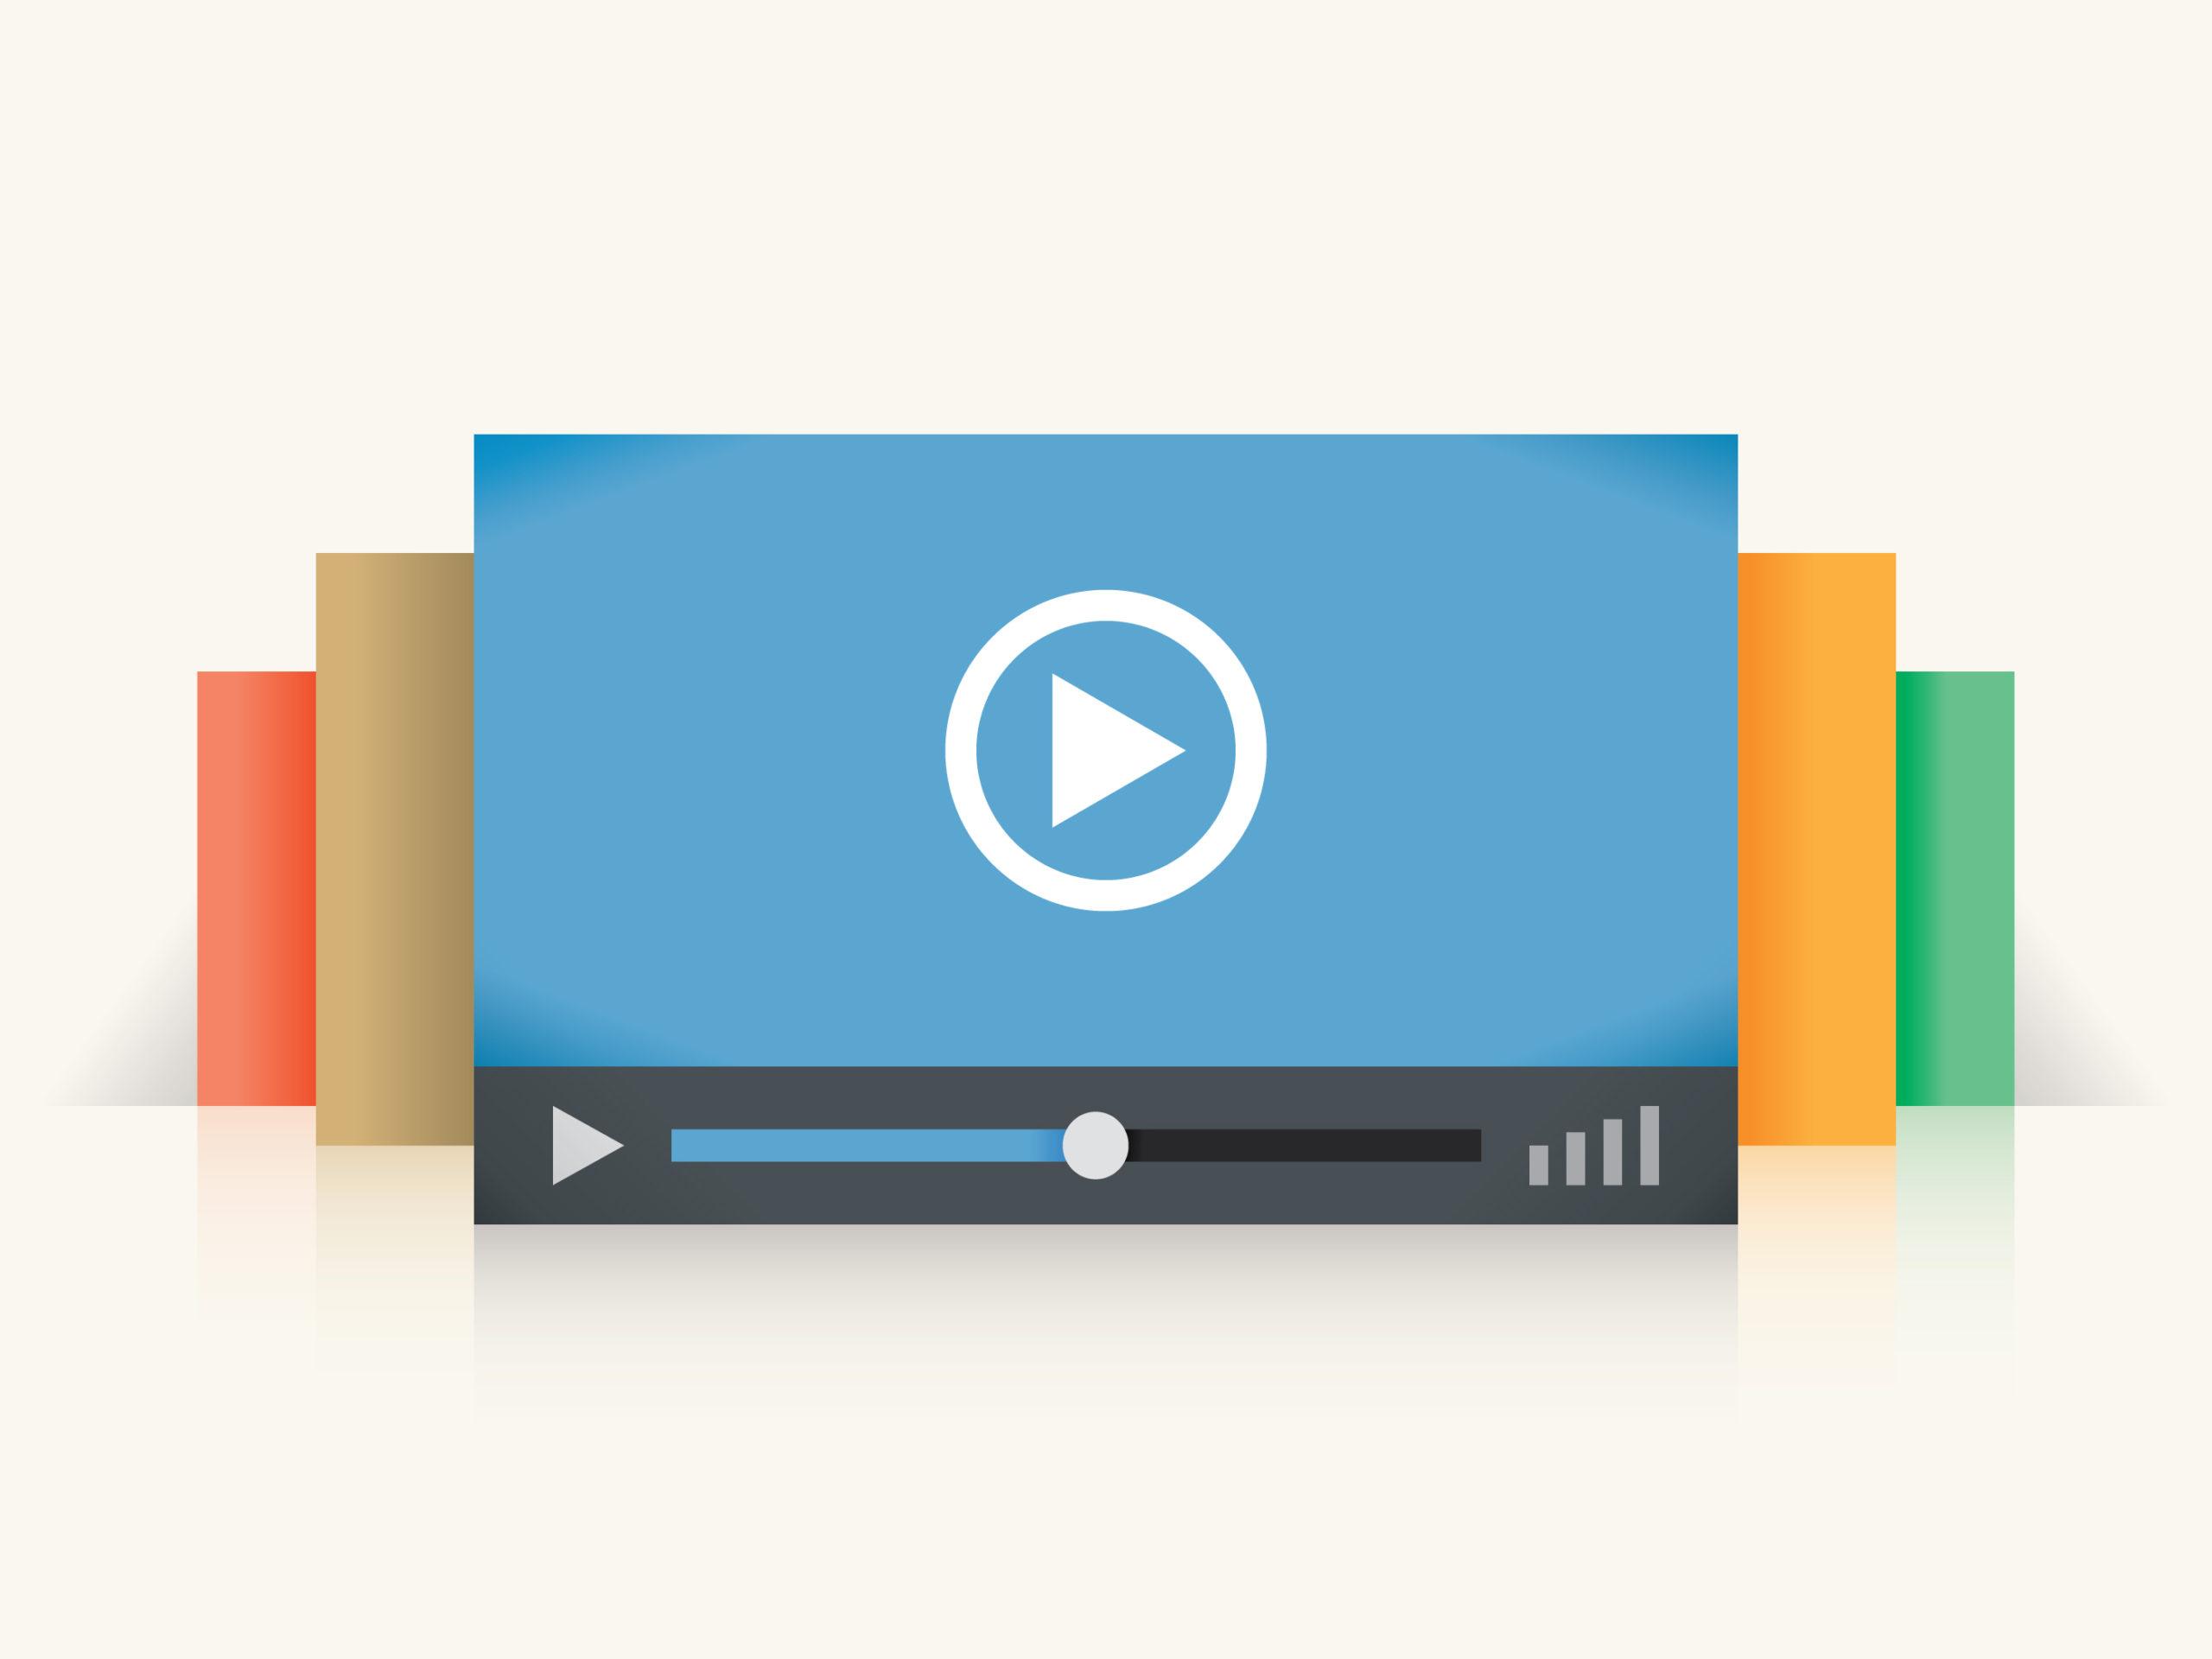 U-NEXTをテレビに接続して視聴する方法   何で見るのが正解?